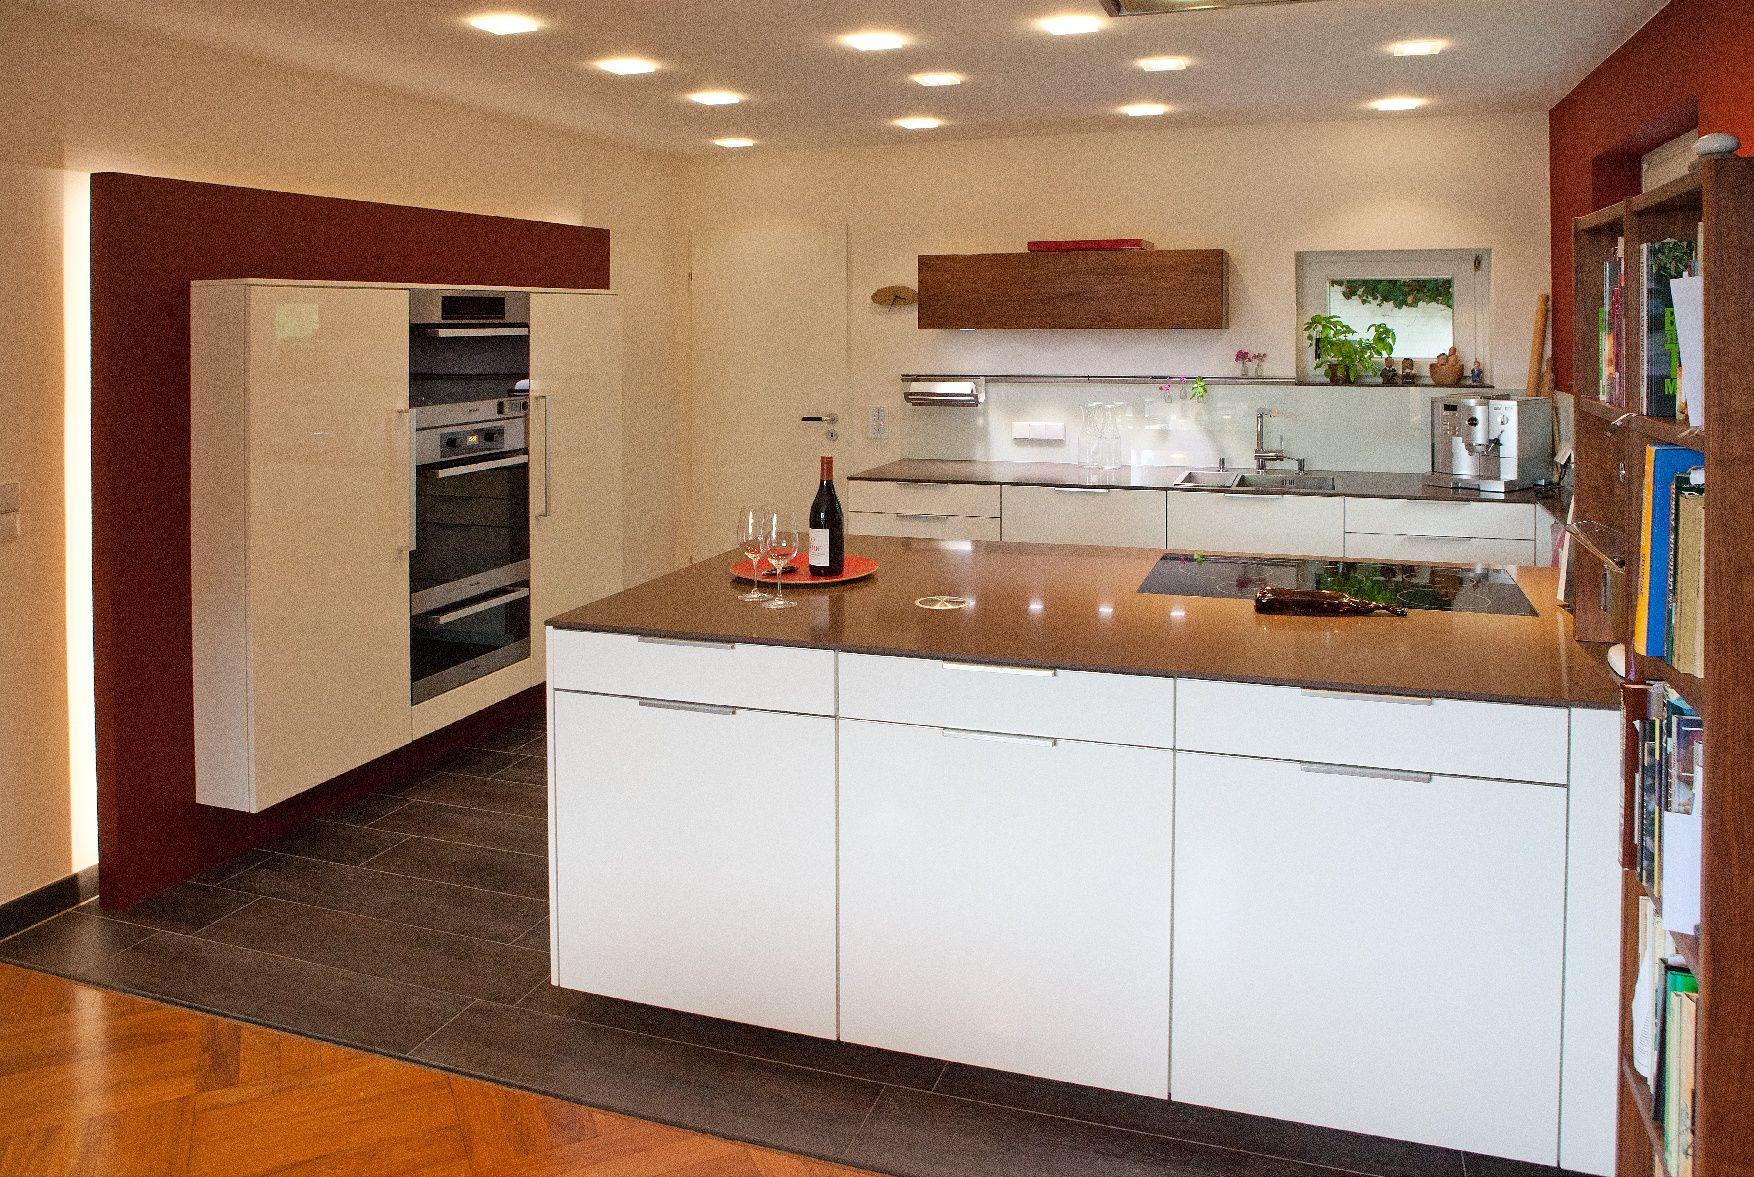 Kuchen Design Itzstedt Wohnzimmermobel Italienisches Design